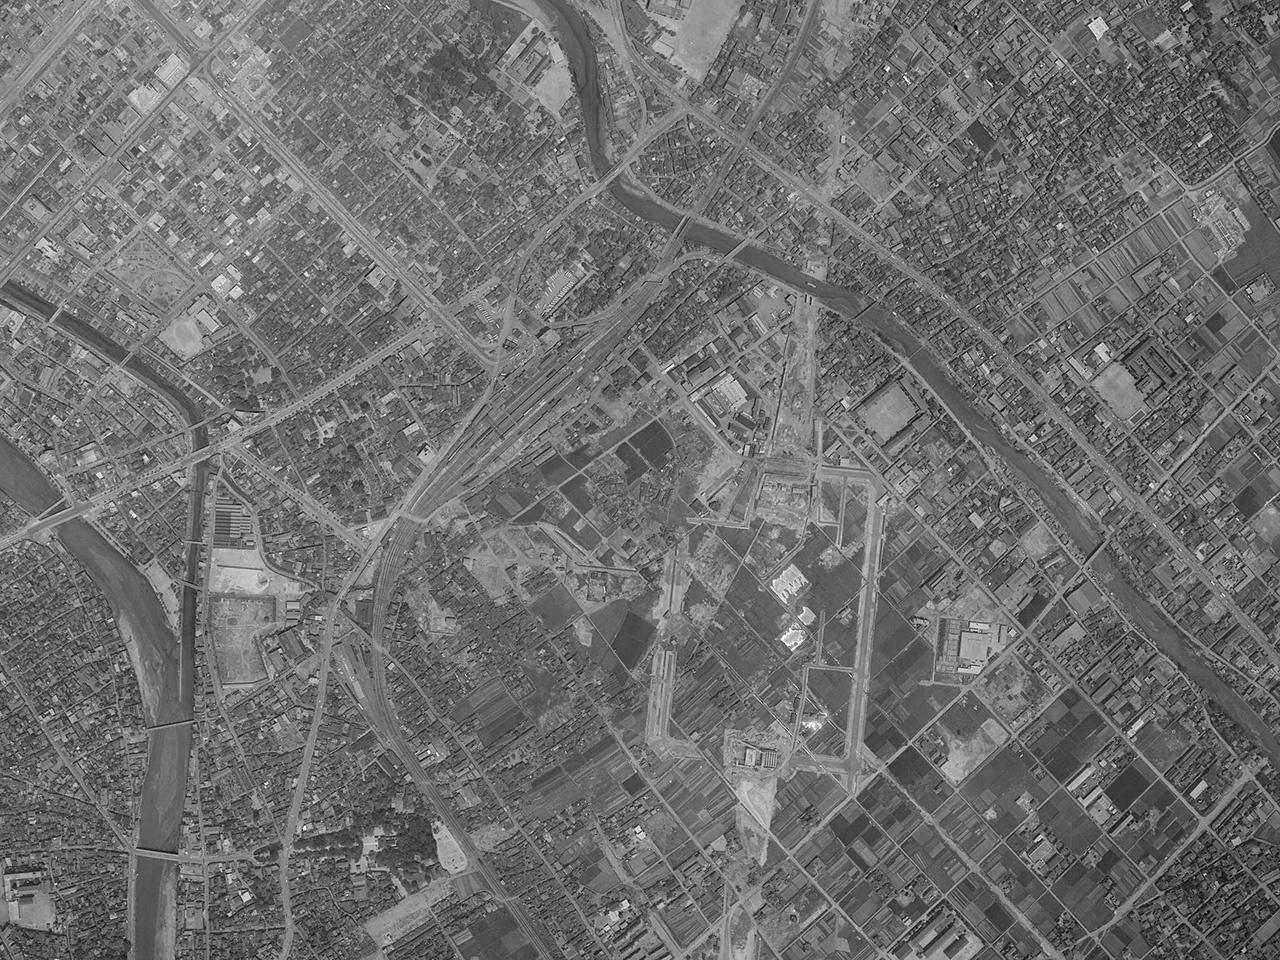 1961(昭和36)年5月9日に撮影された旧博多駅の空中写真。すでに現在の博多駅の建設が始まっていることがわかります(出典:国土地理院)